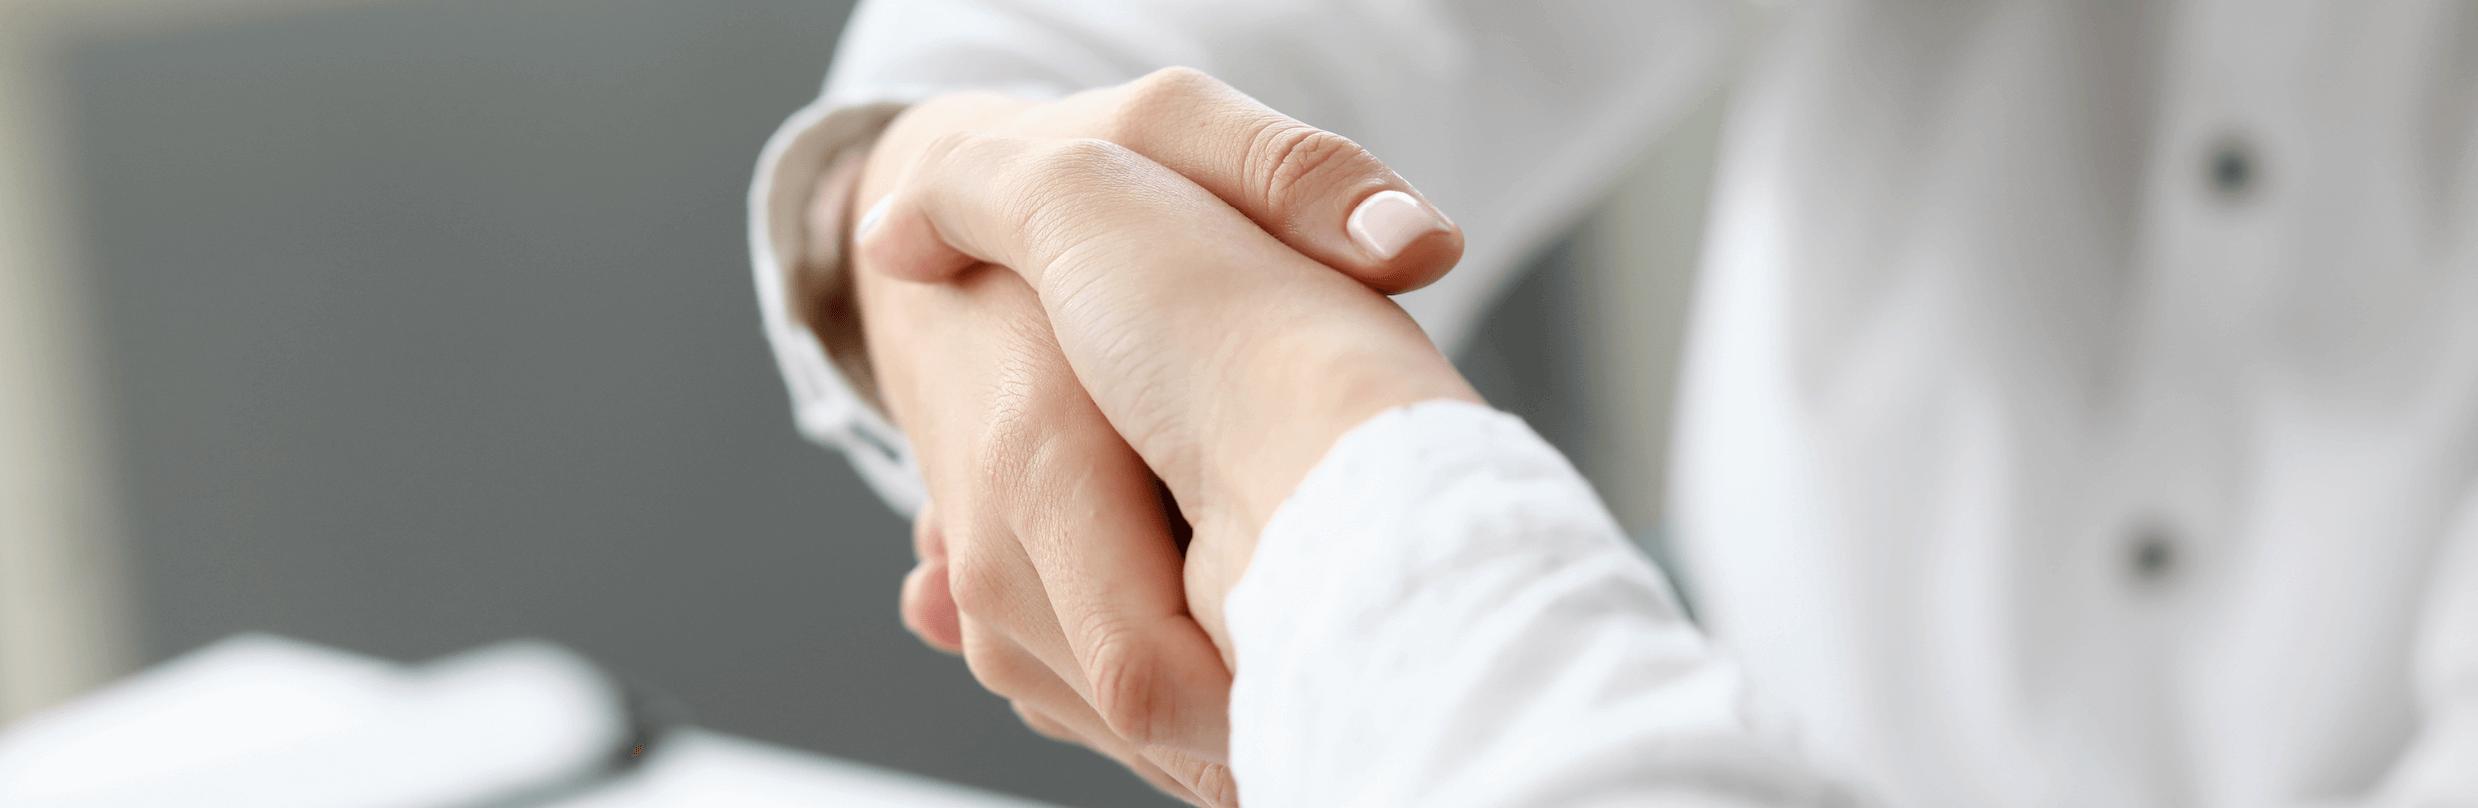 pharmacien sert mains